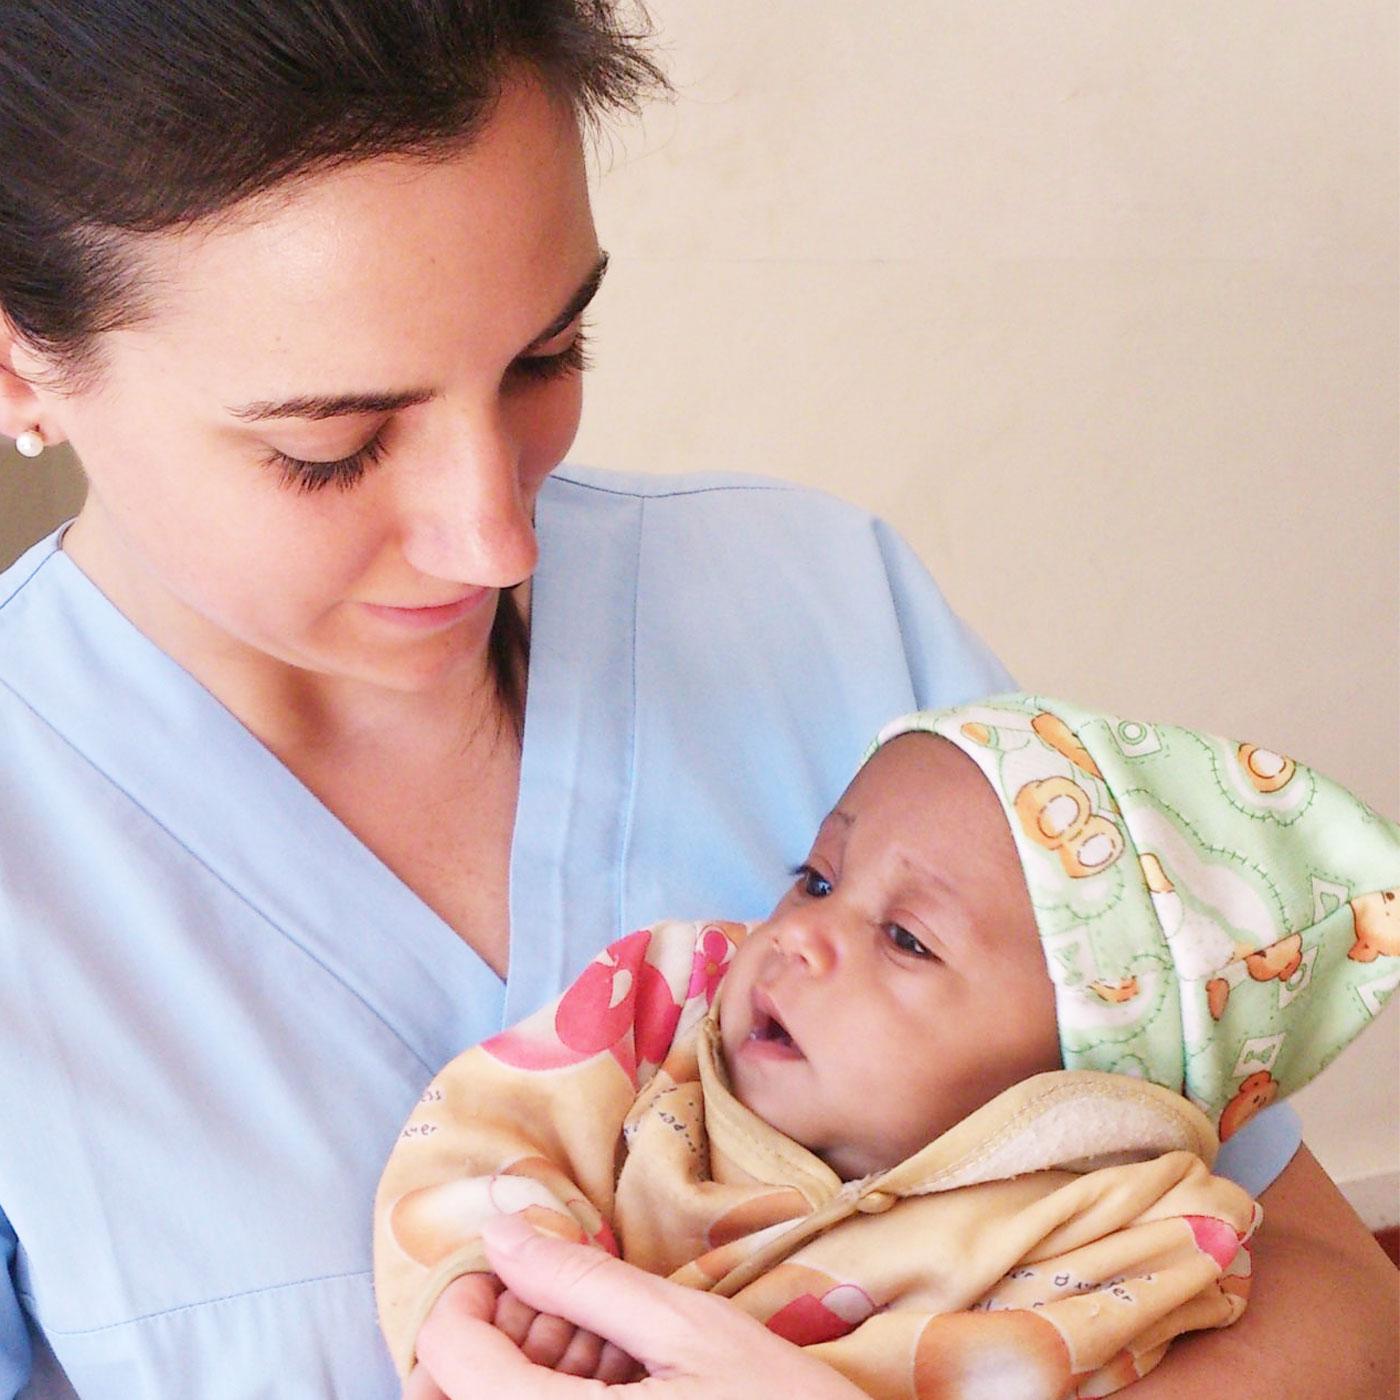 Volontari-sanitari-di-Mam-Beyond-borders-roma-